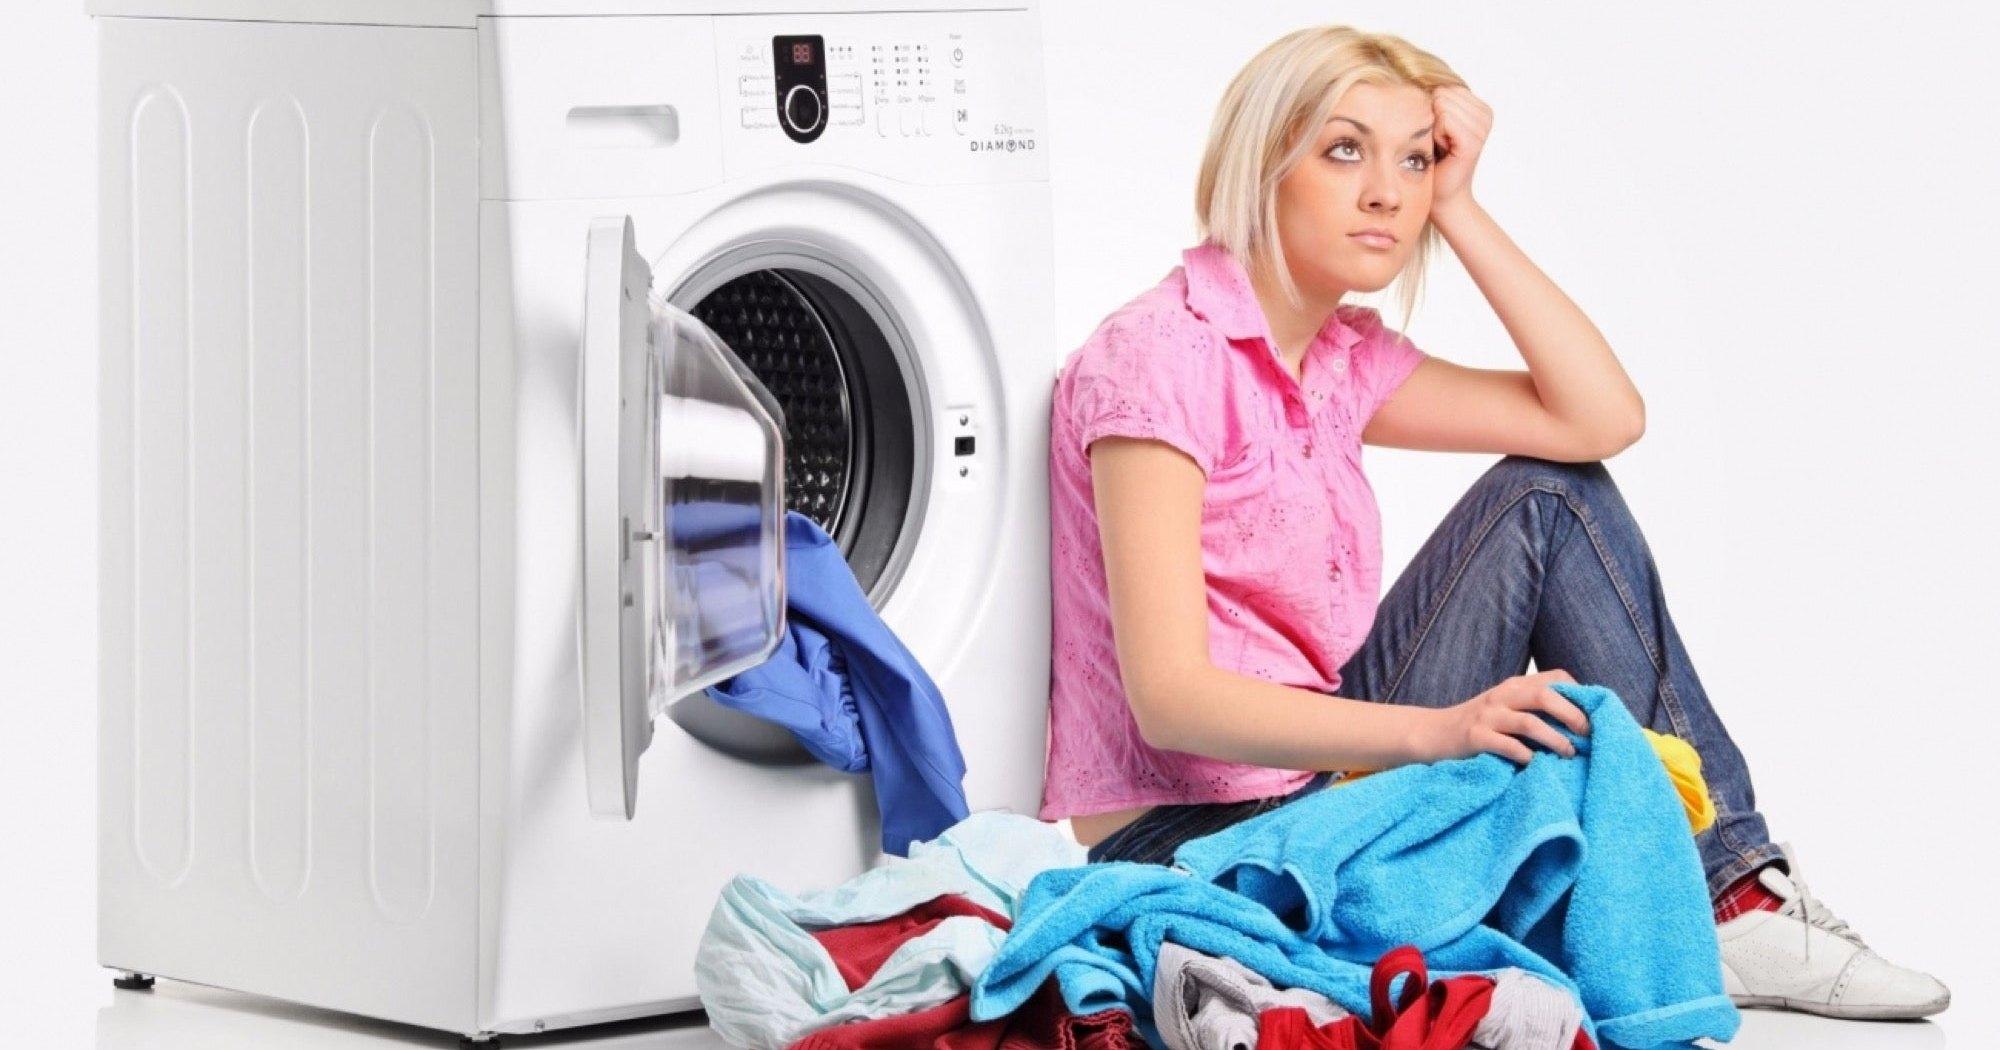 Как стирать одежду, чтобы избавиться от коронавируса